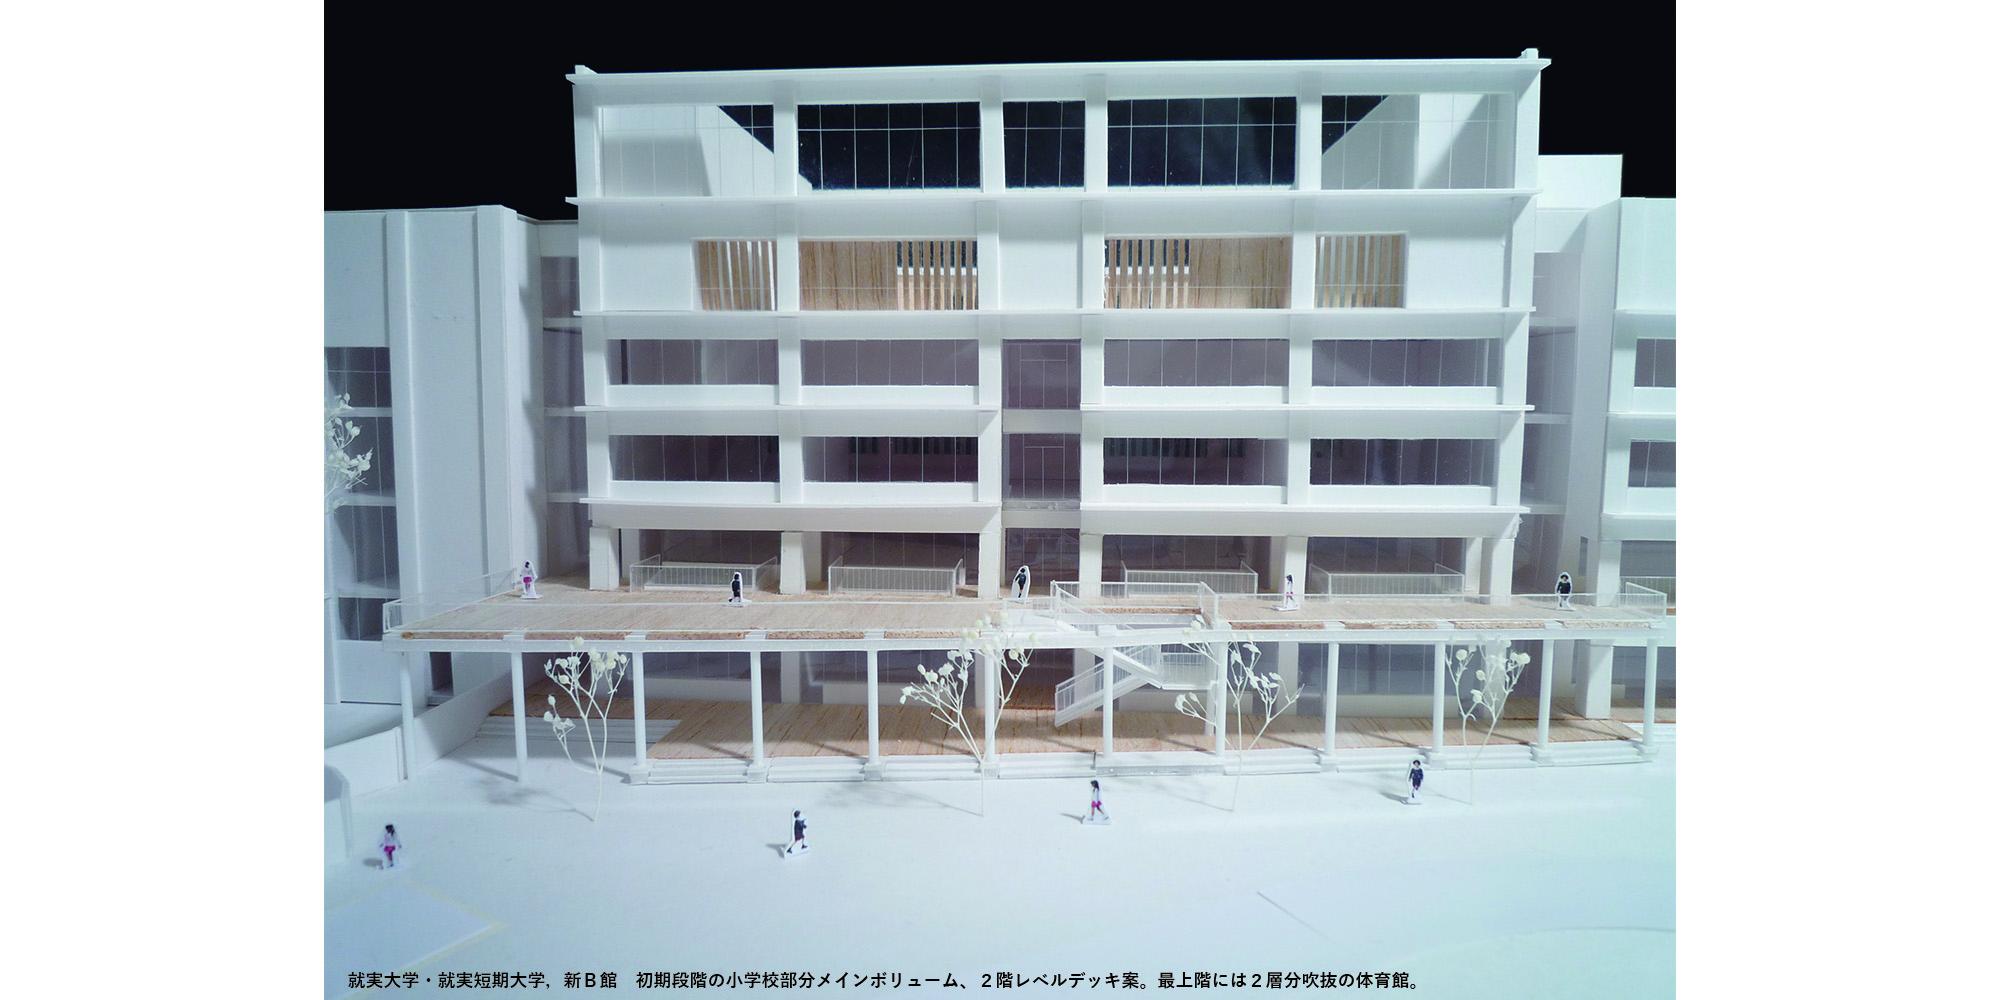 佐藤建築事務所「モデルフォト集」